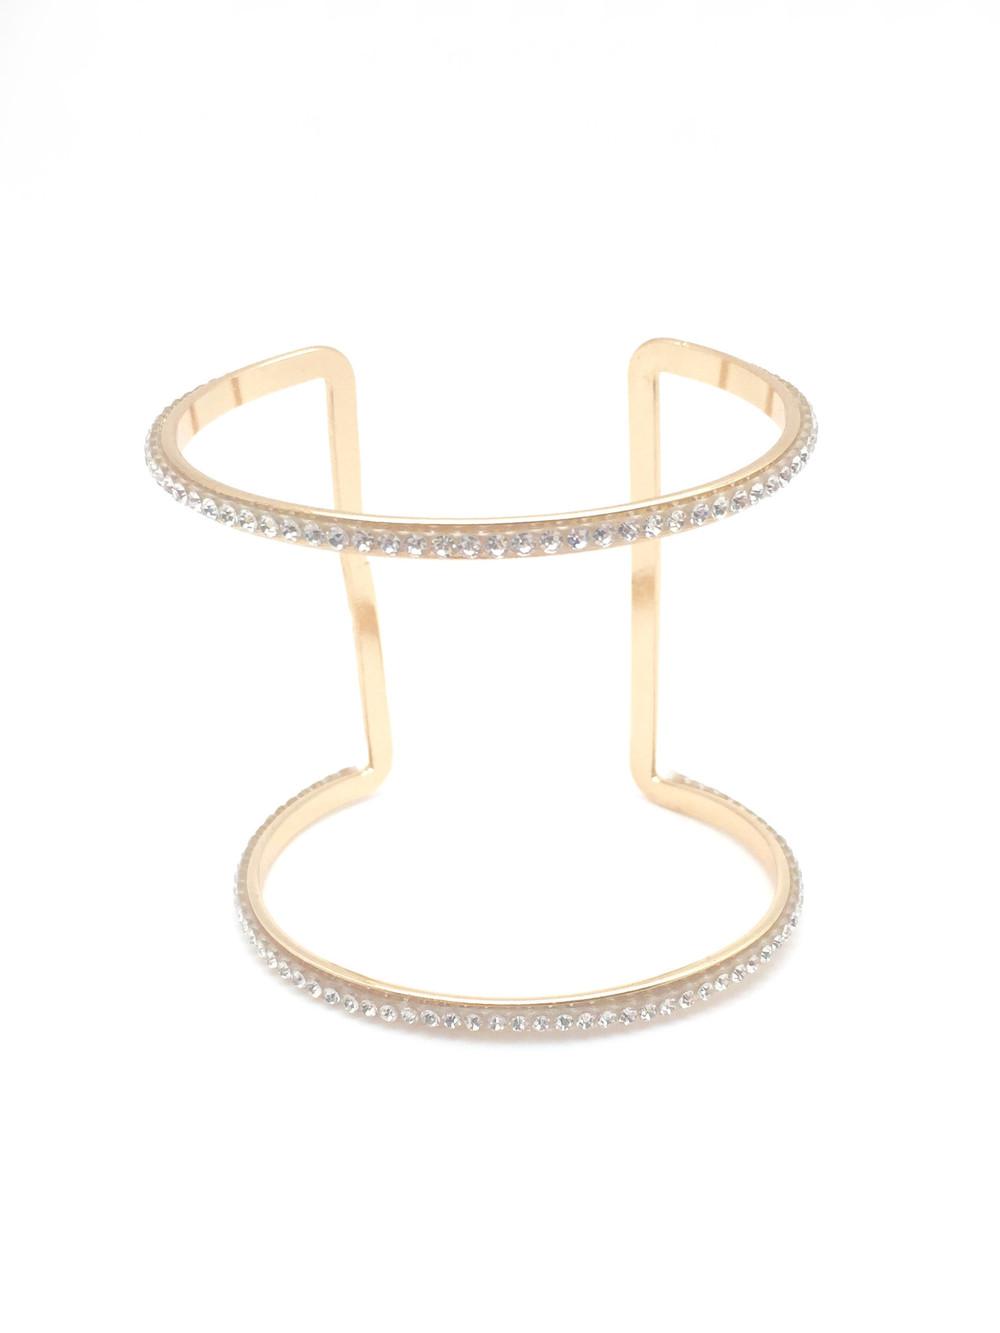 Tena Bracelet $24